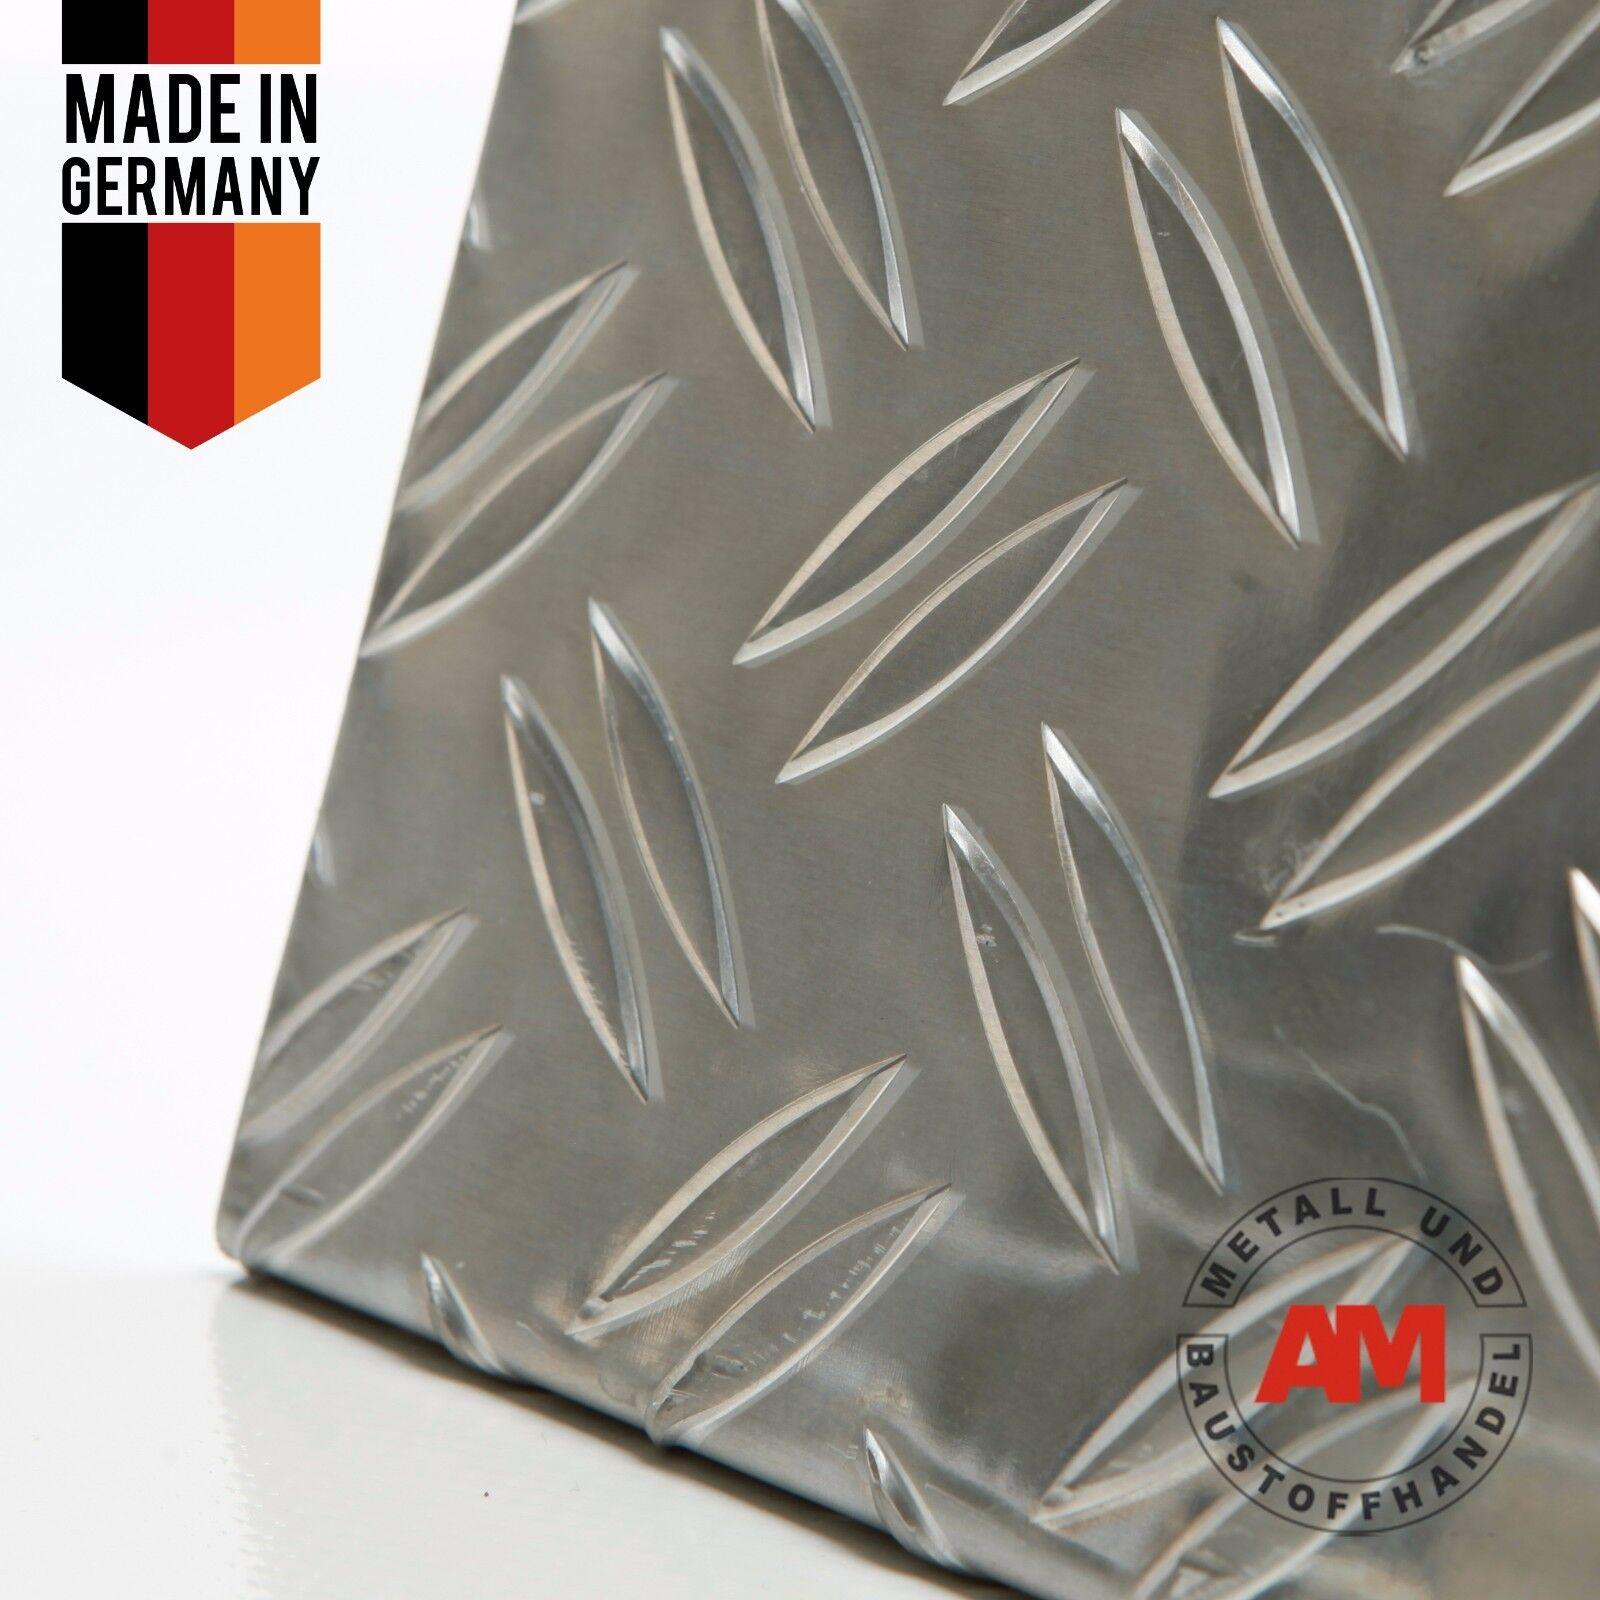 Alu Riffelblech 1,5 2mm Duett 2000x500mm Aluminium Blech Warzenblech Zuschnitt